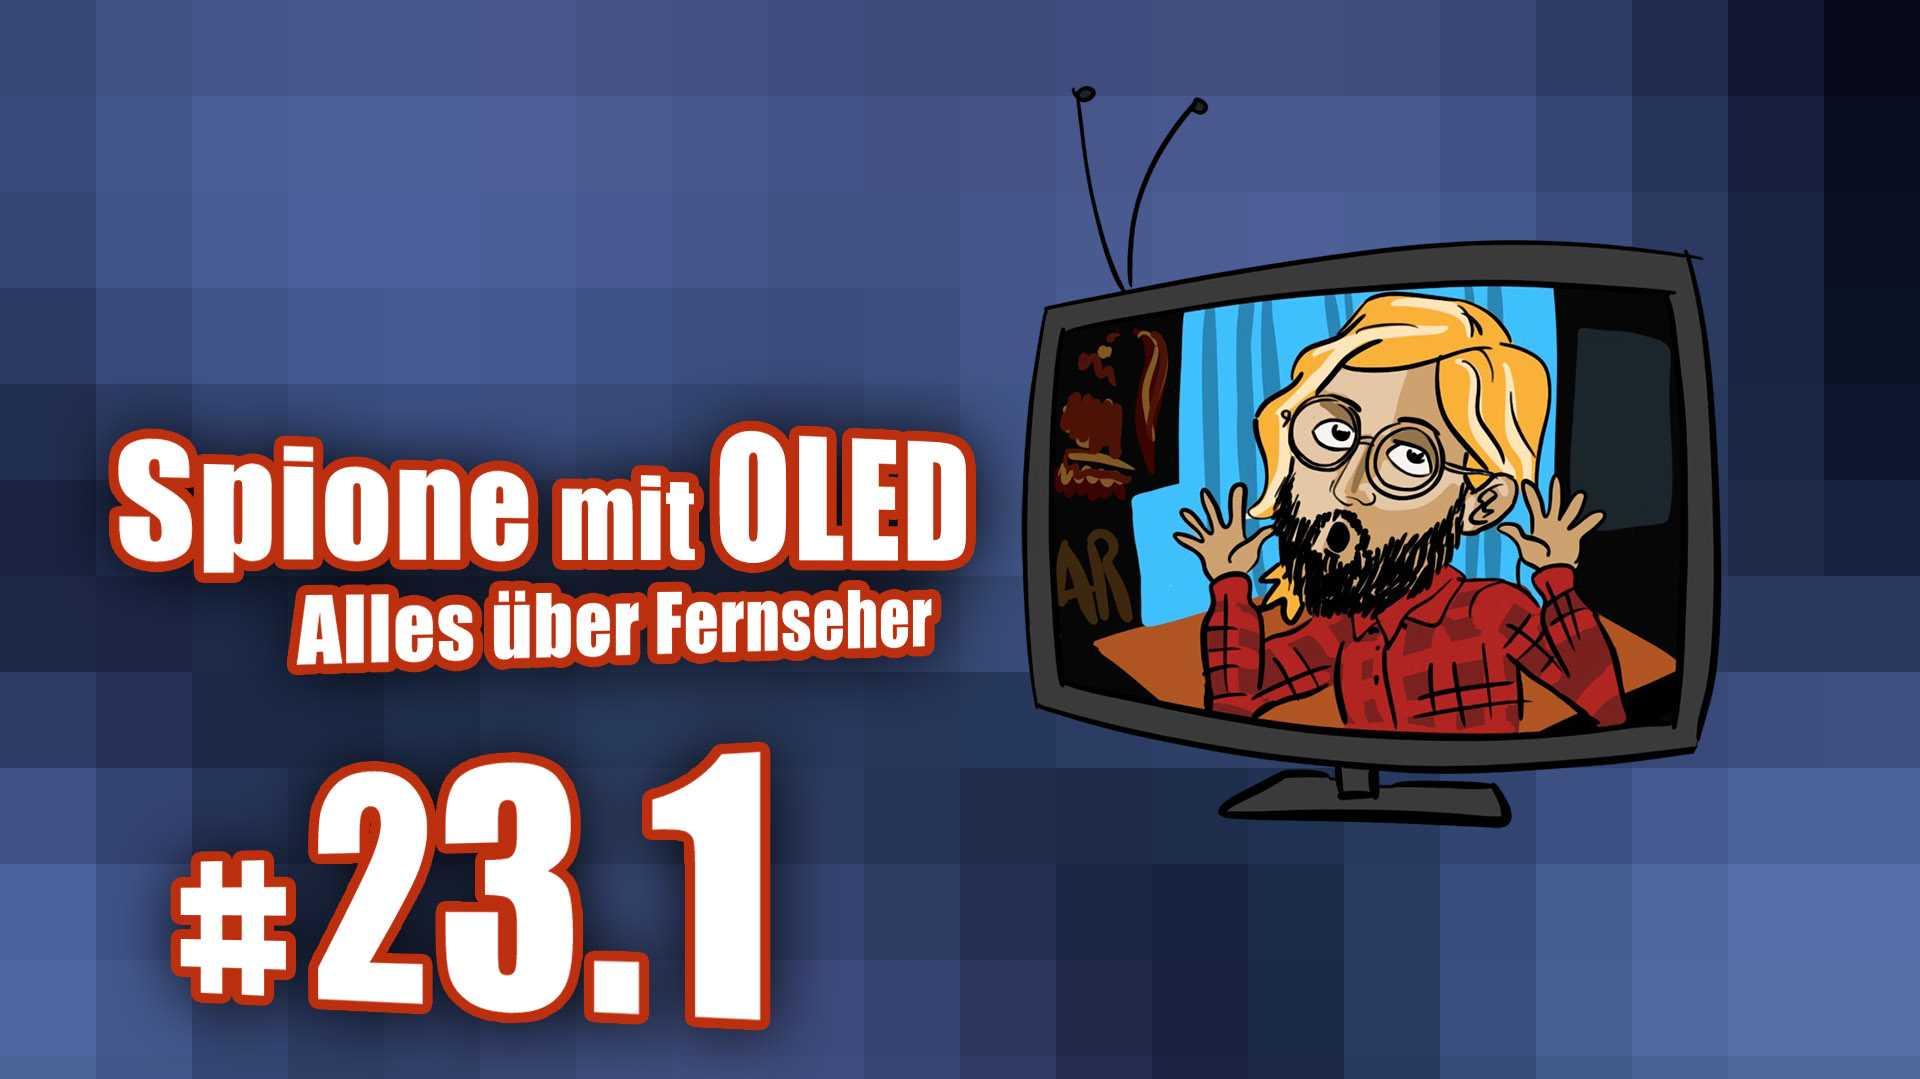 c't uplink 25.3: Spione mit OLED -- Alles über Fernseher